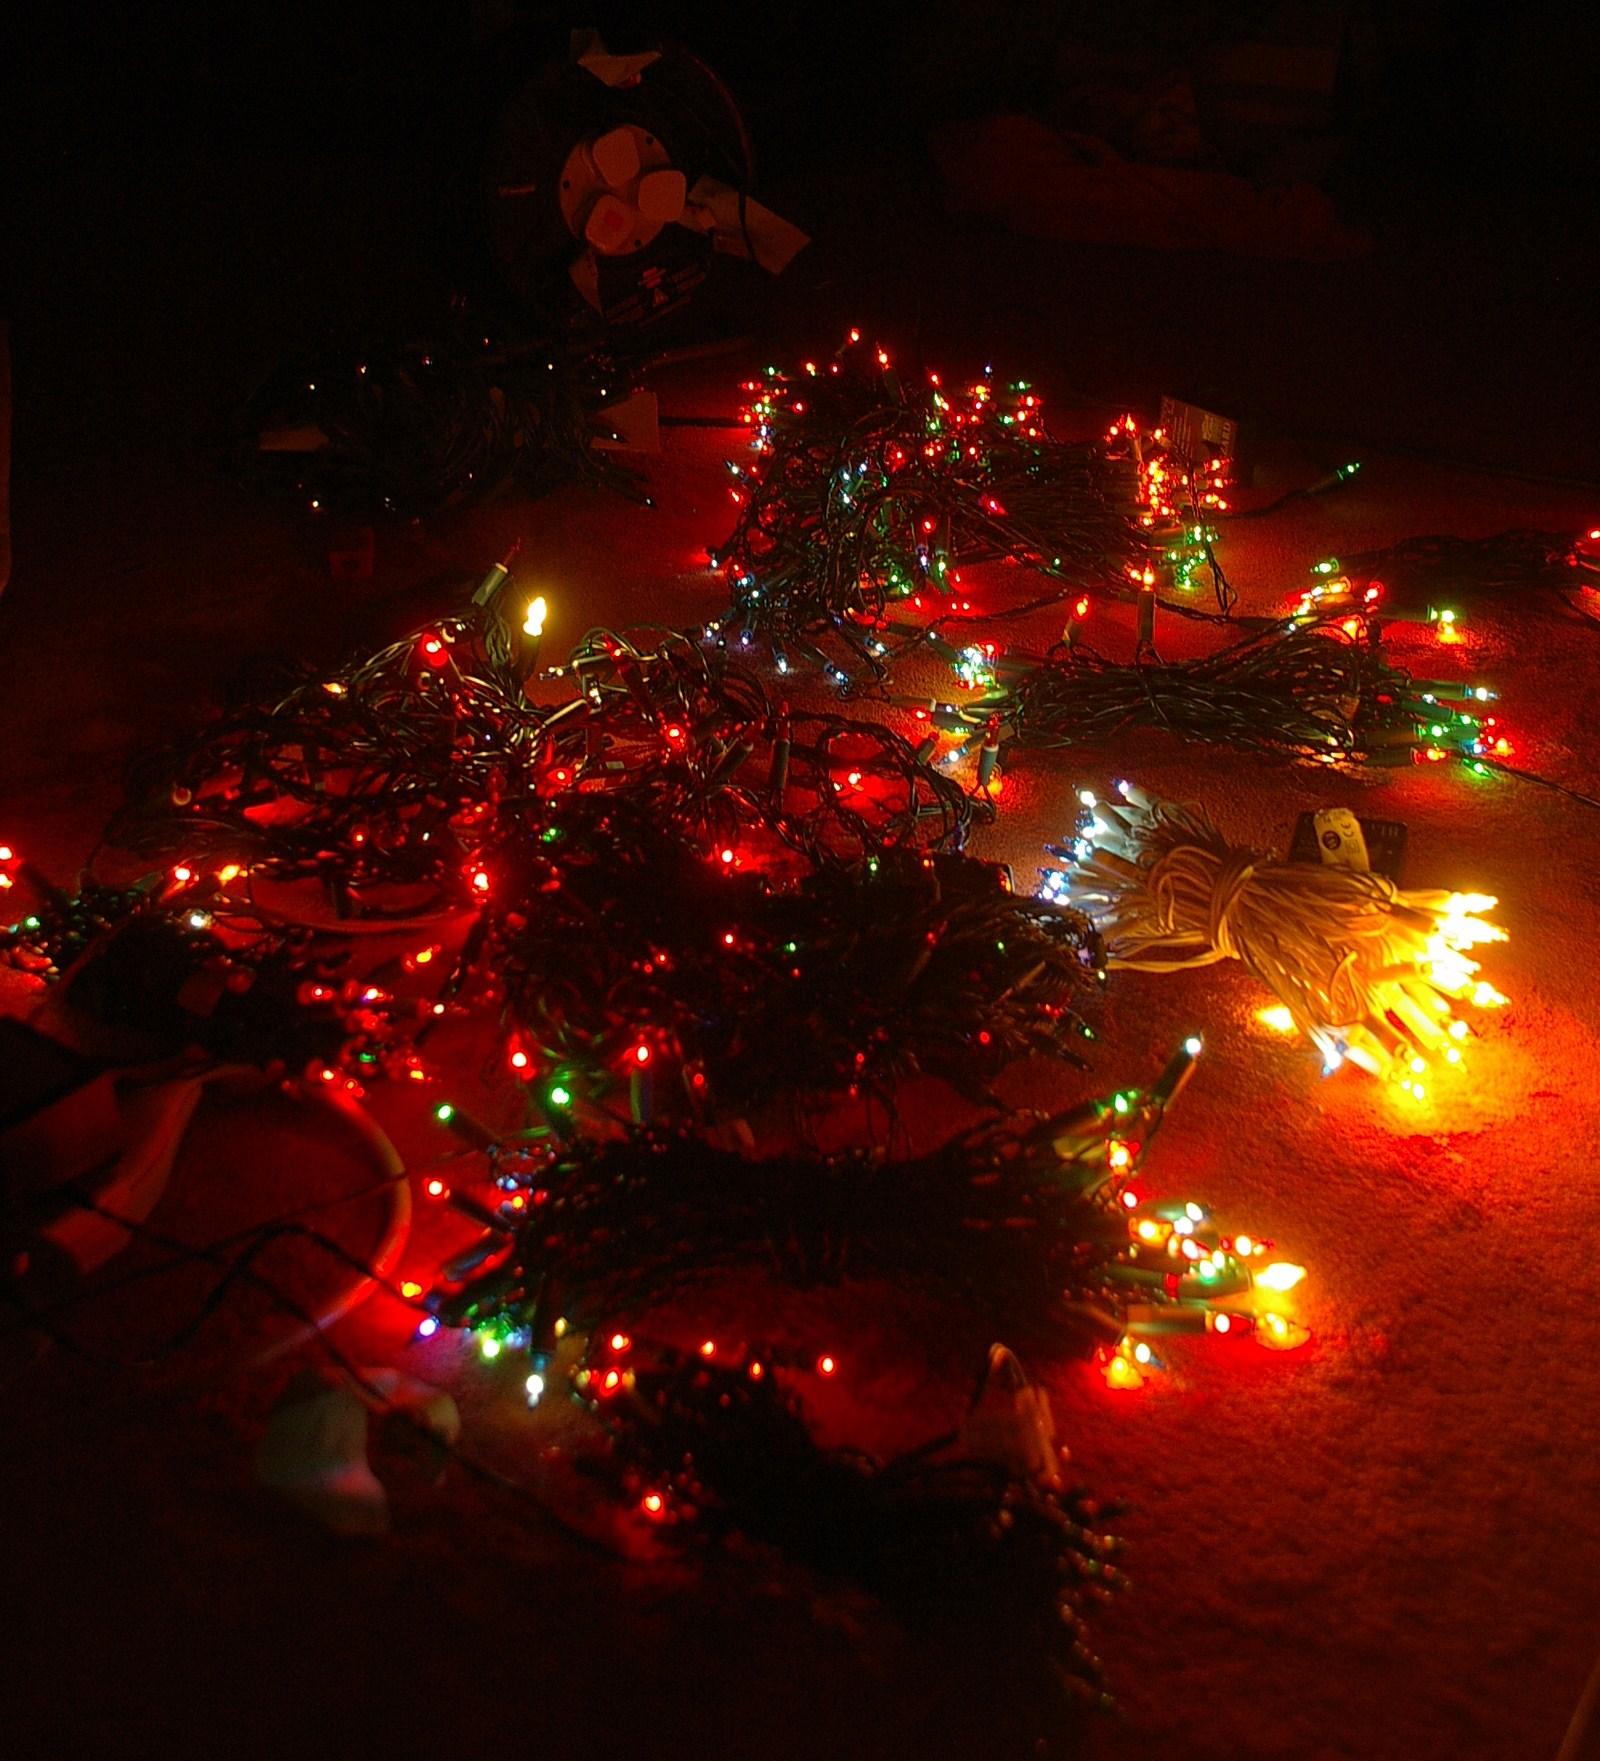 Wann Macht Man Die Weihnachtsbeleuchtung An.Lichterketten Verstauen Tipps Tricks Für Knotenfreie Aufbewahrung